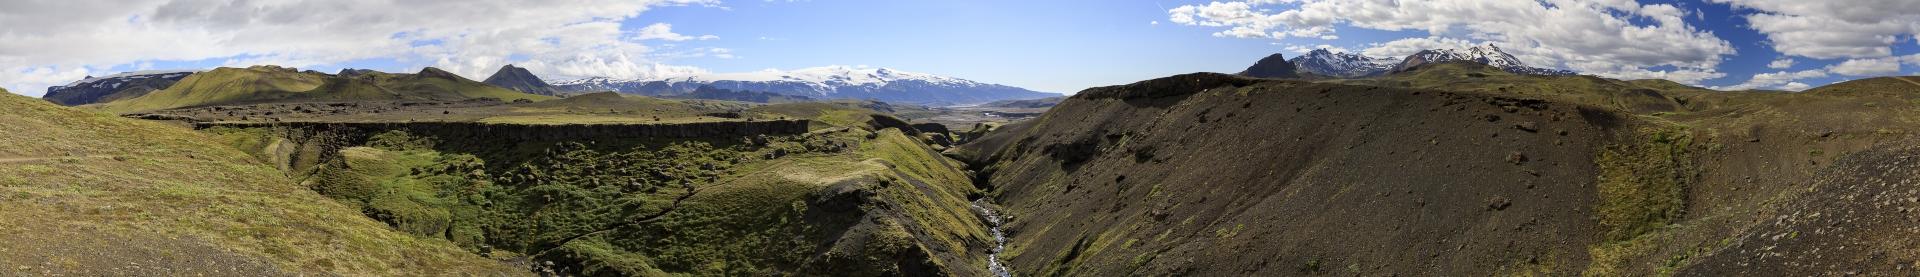 Die Schlucht Bjórgil, Markarfljót und Tröllagjá, dahinter der Eyjafjallajökull